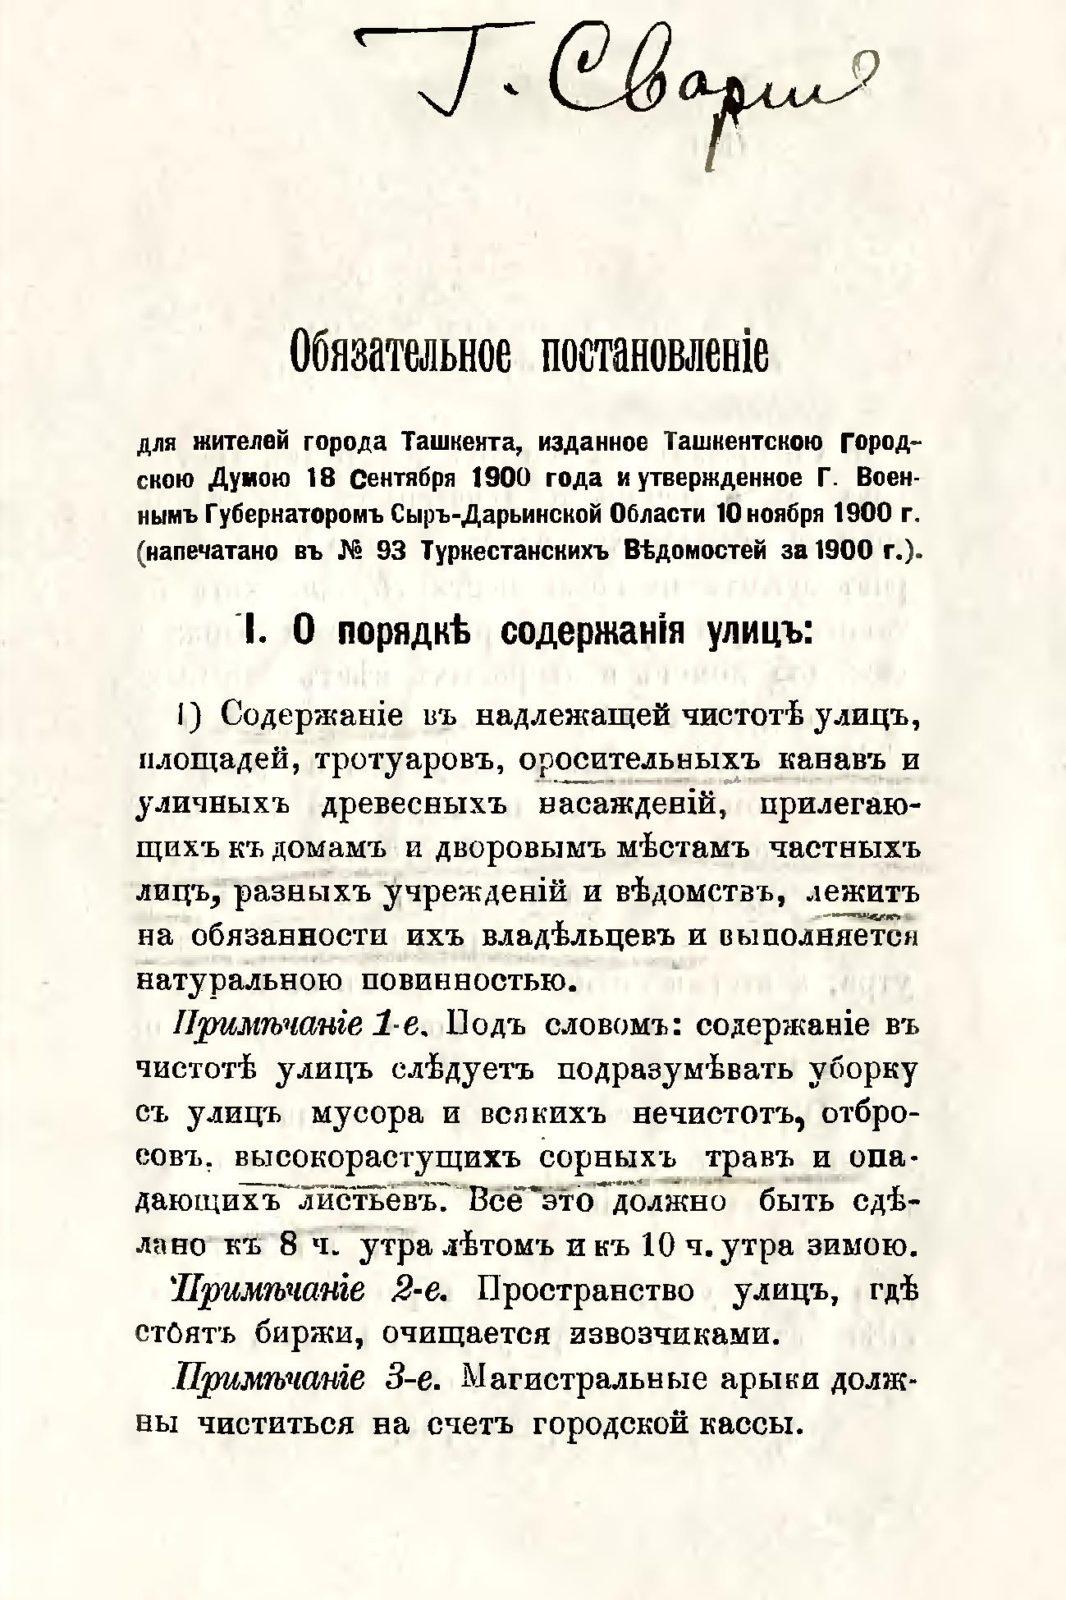 sbornik_obyazatelnyh_postanovlenii_tashkentskoi_gorodskoi_du_85